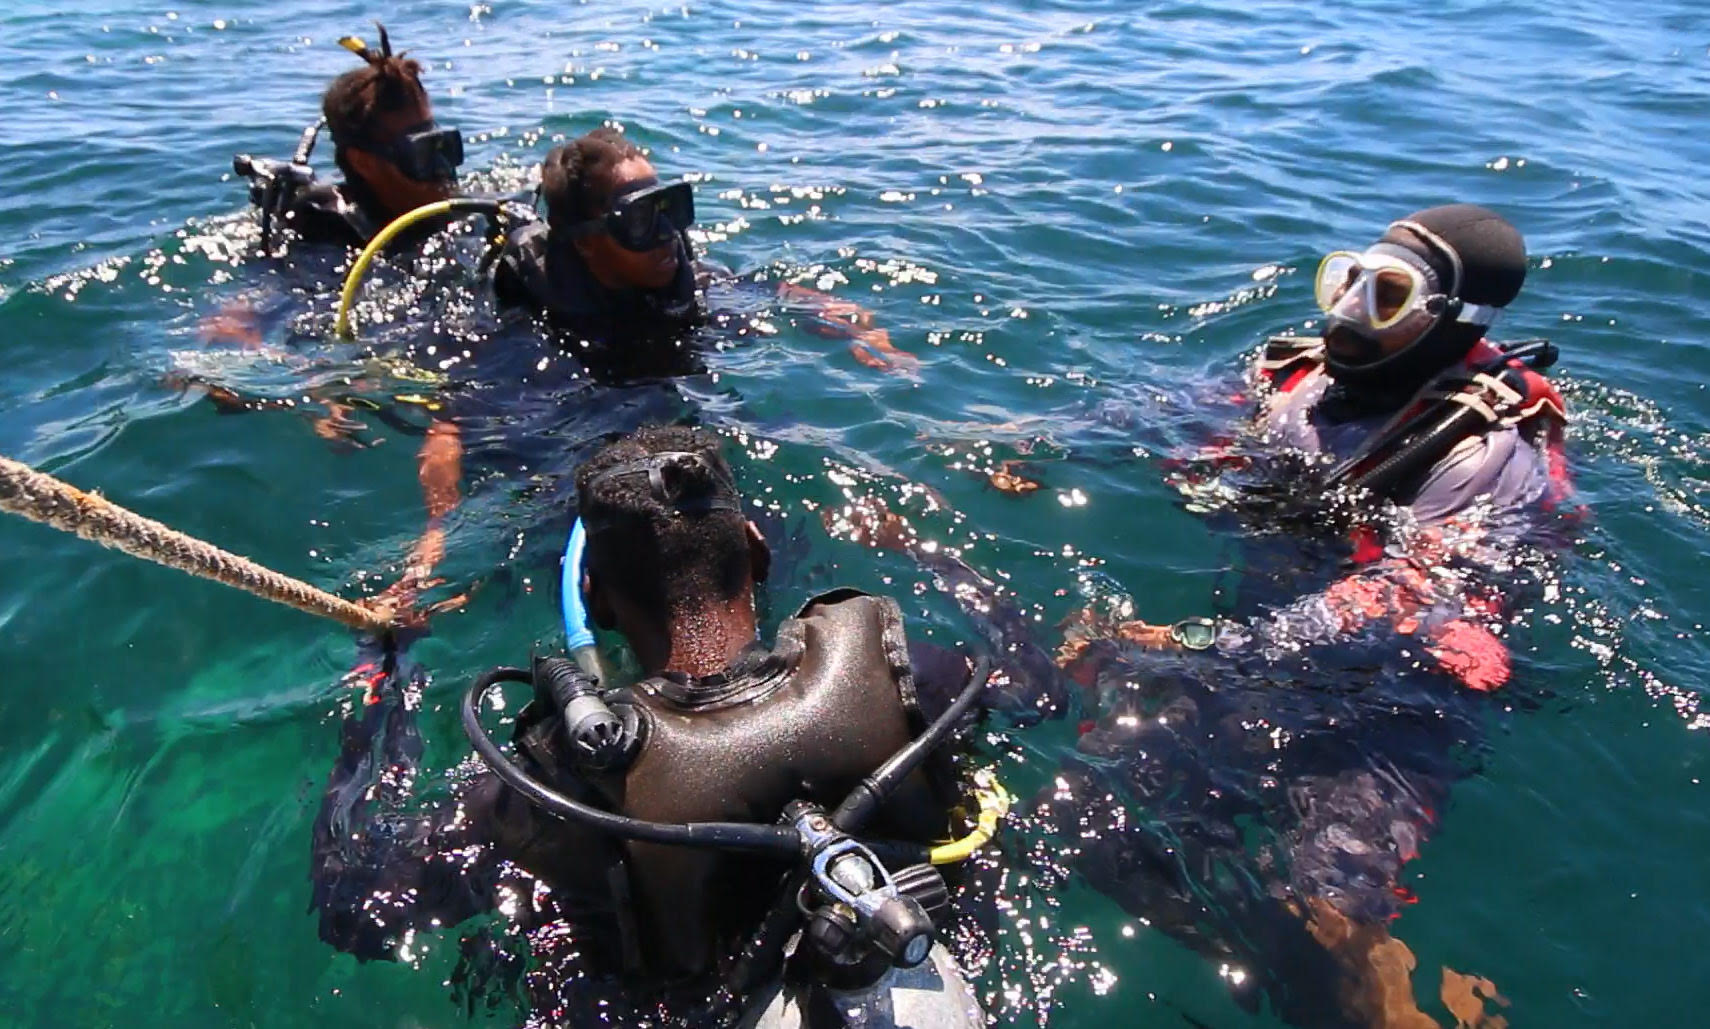 Training for Park Rangers – Advance SCUBA Diving